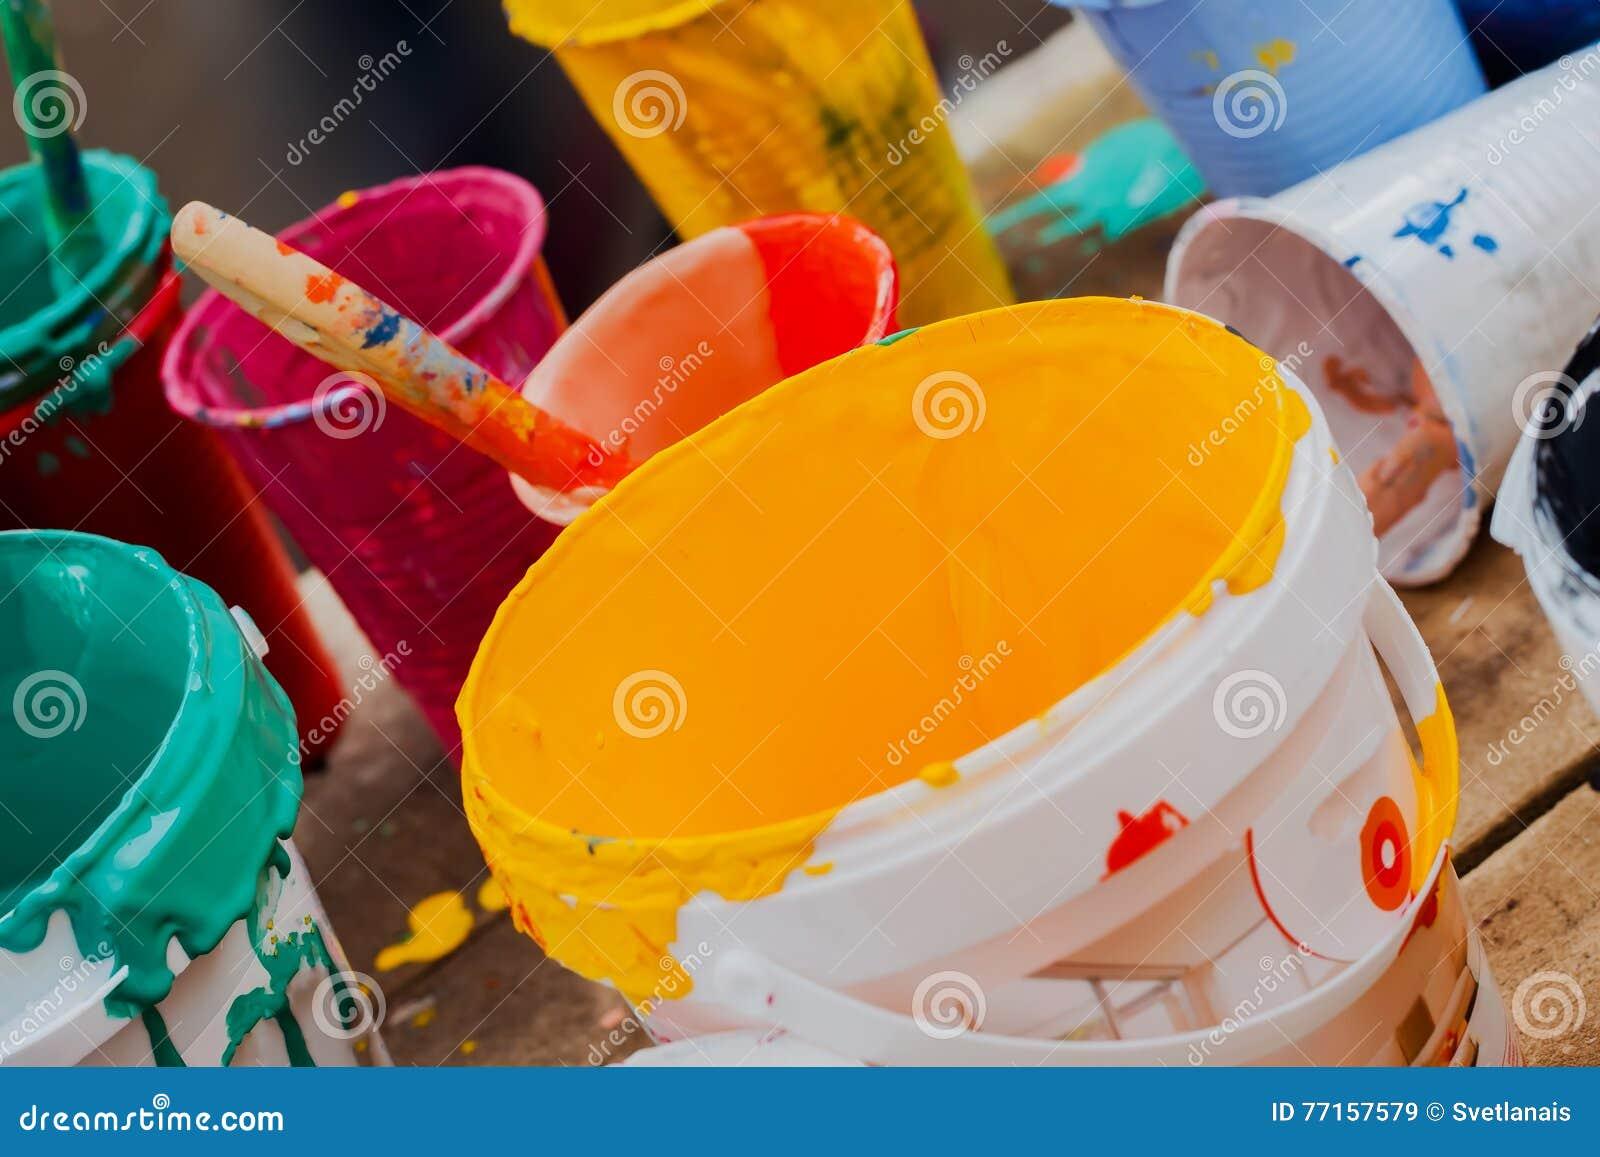 Peintures multicolores dans des pots et brosse sur la table